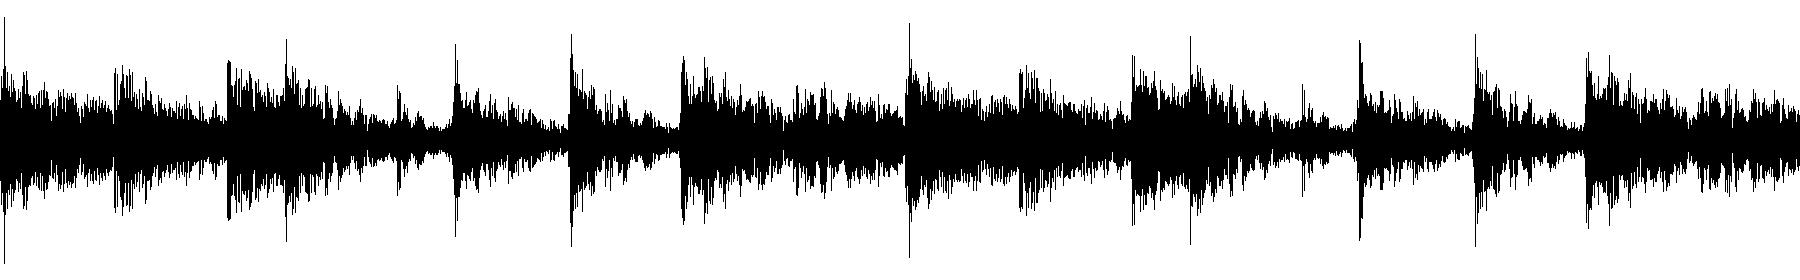 blbc cinedrumsa 75 04